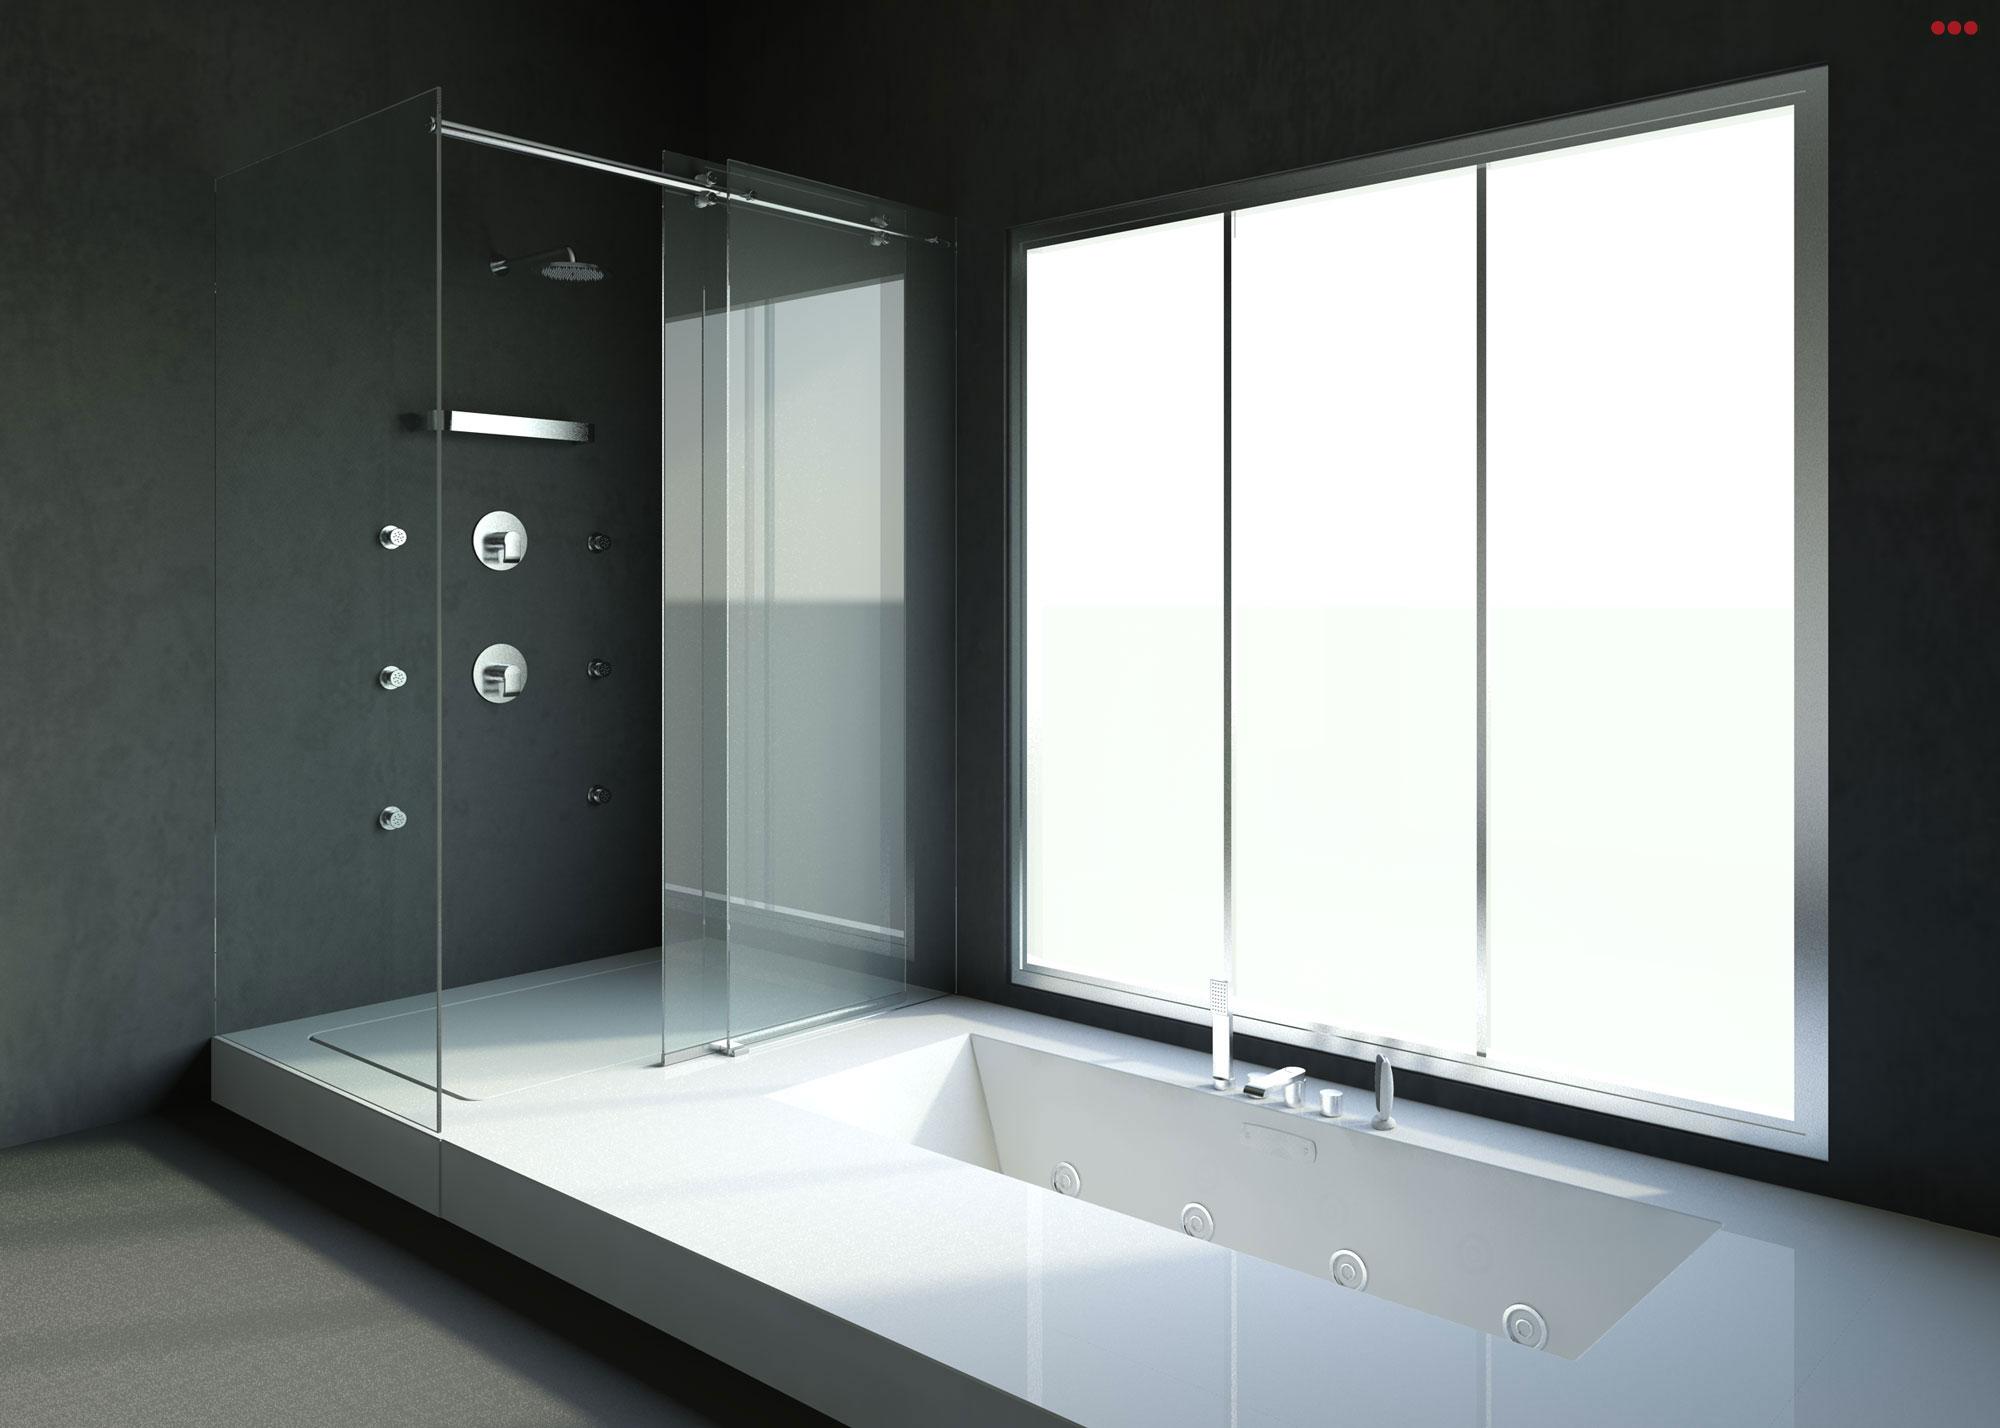 Arredo Bagni - 3D Studio Bartolini - Grafica e Rendering 3D